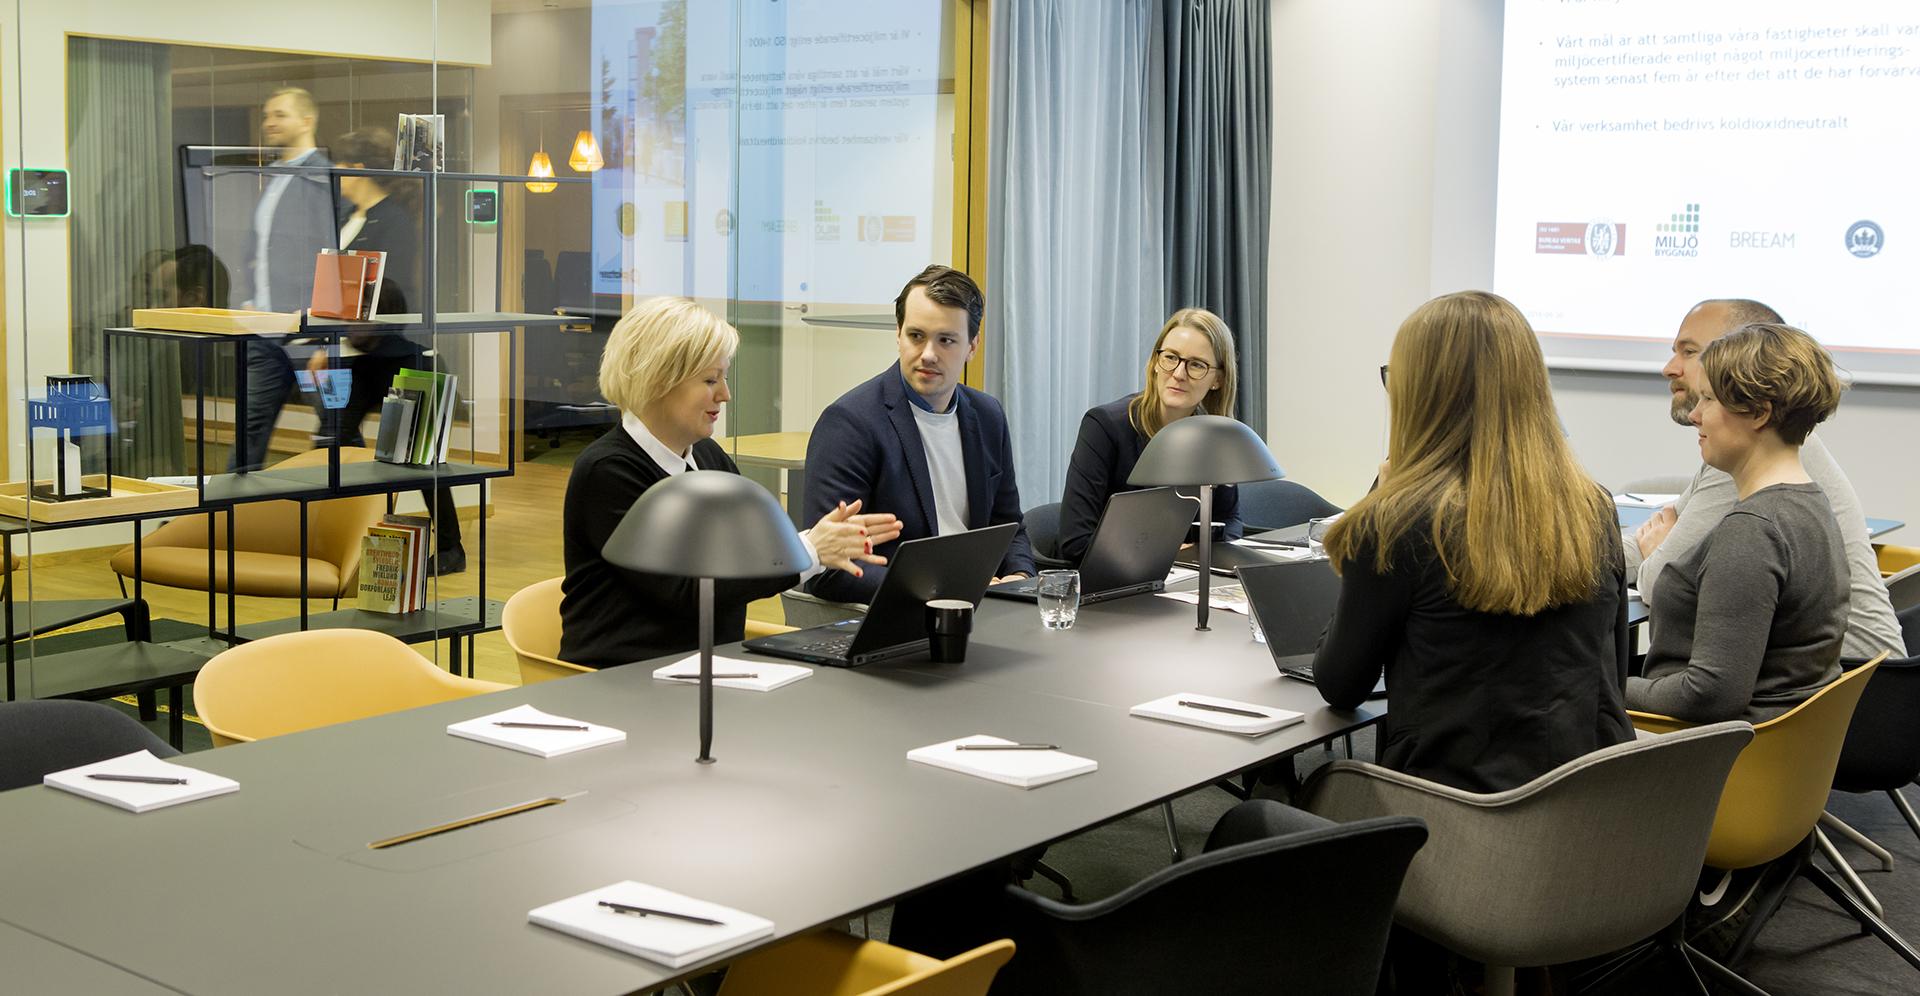 Glada kollegor i konferensrum